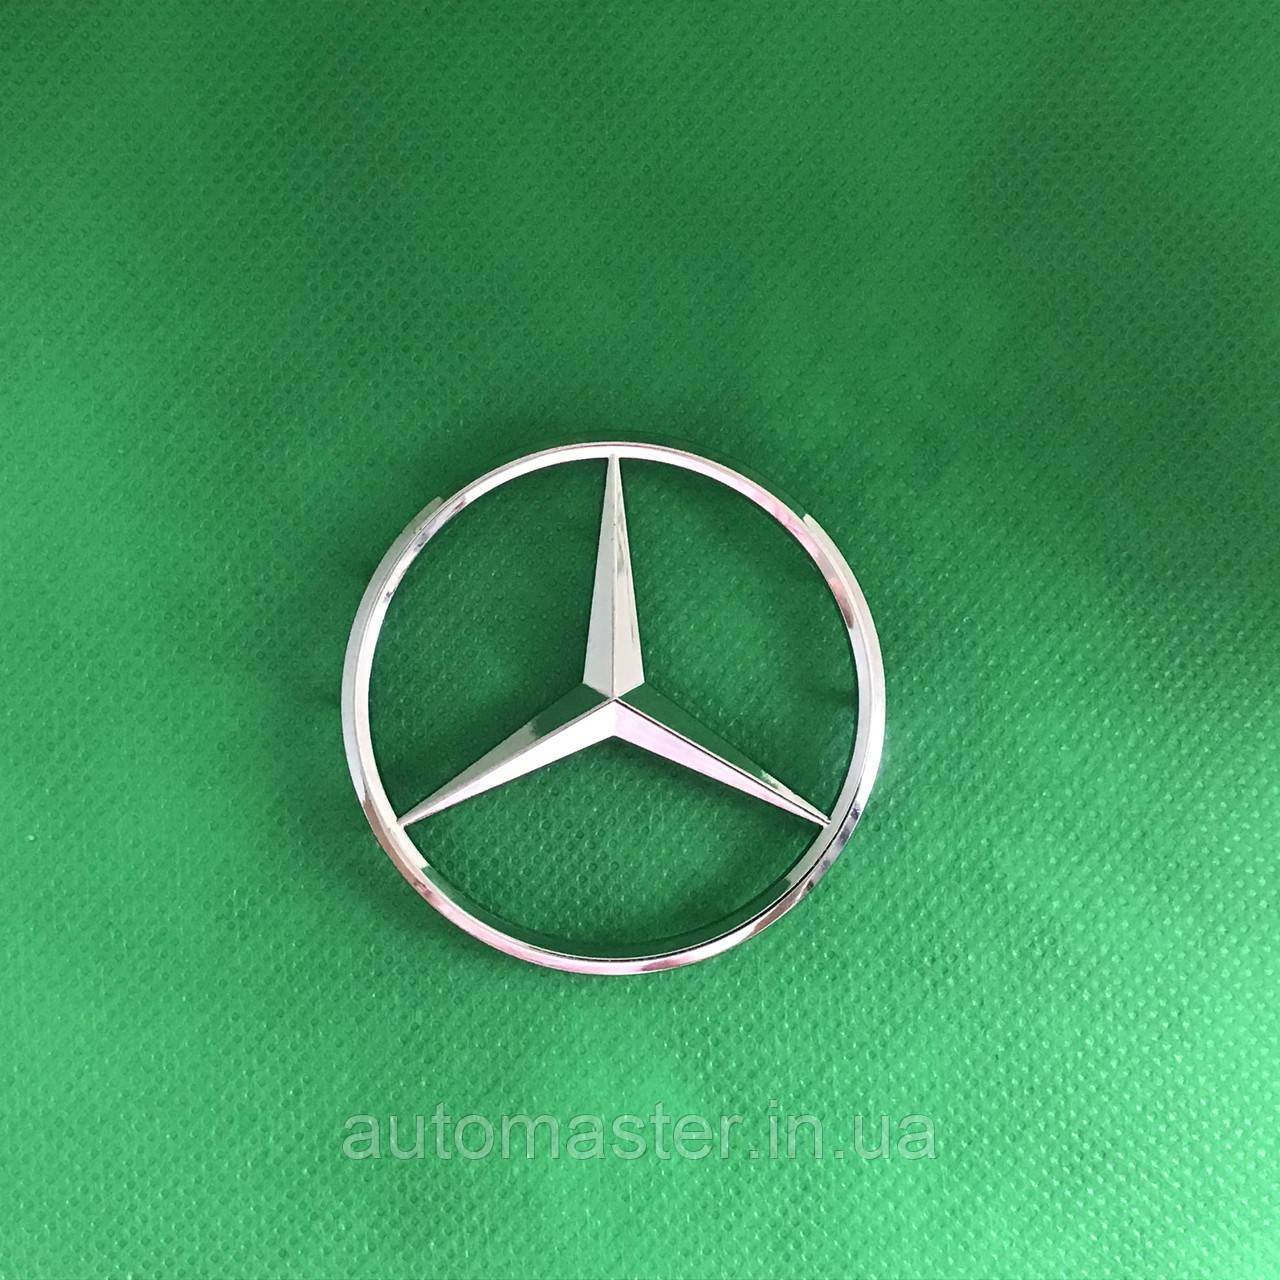 Емблема на кермо 52 мм Мерседес / Mercedes логотип значок